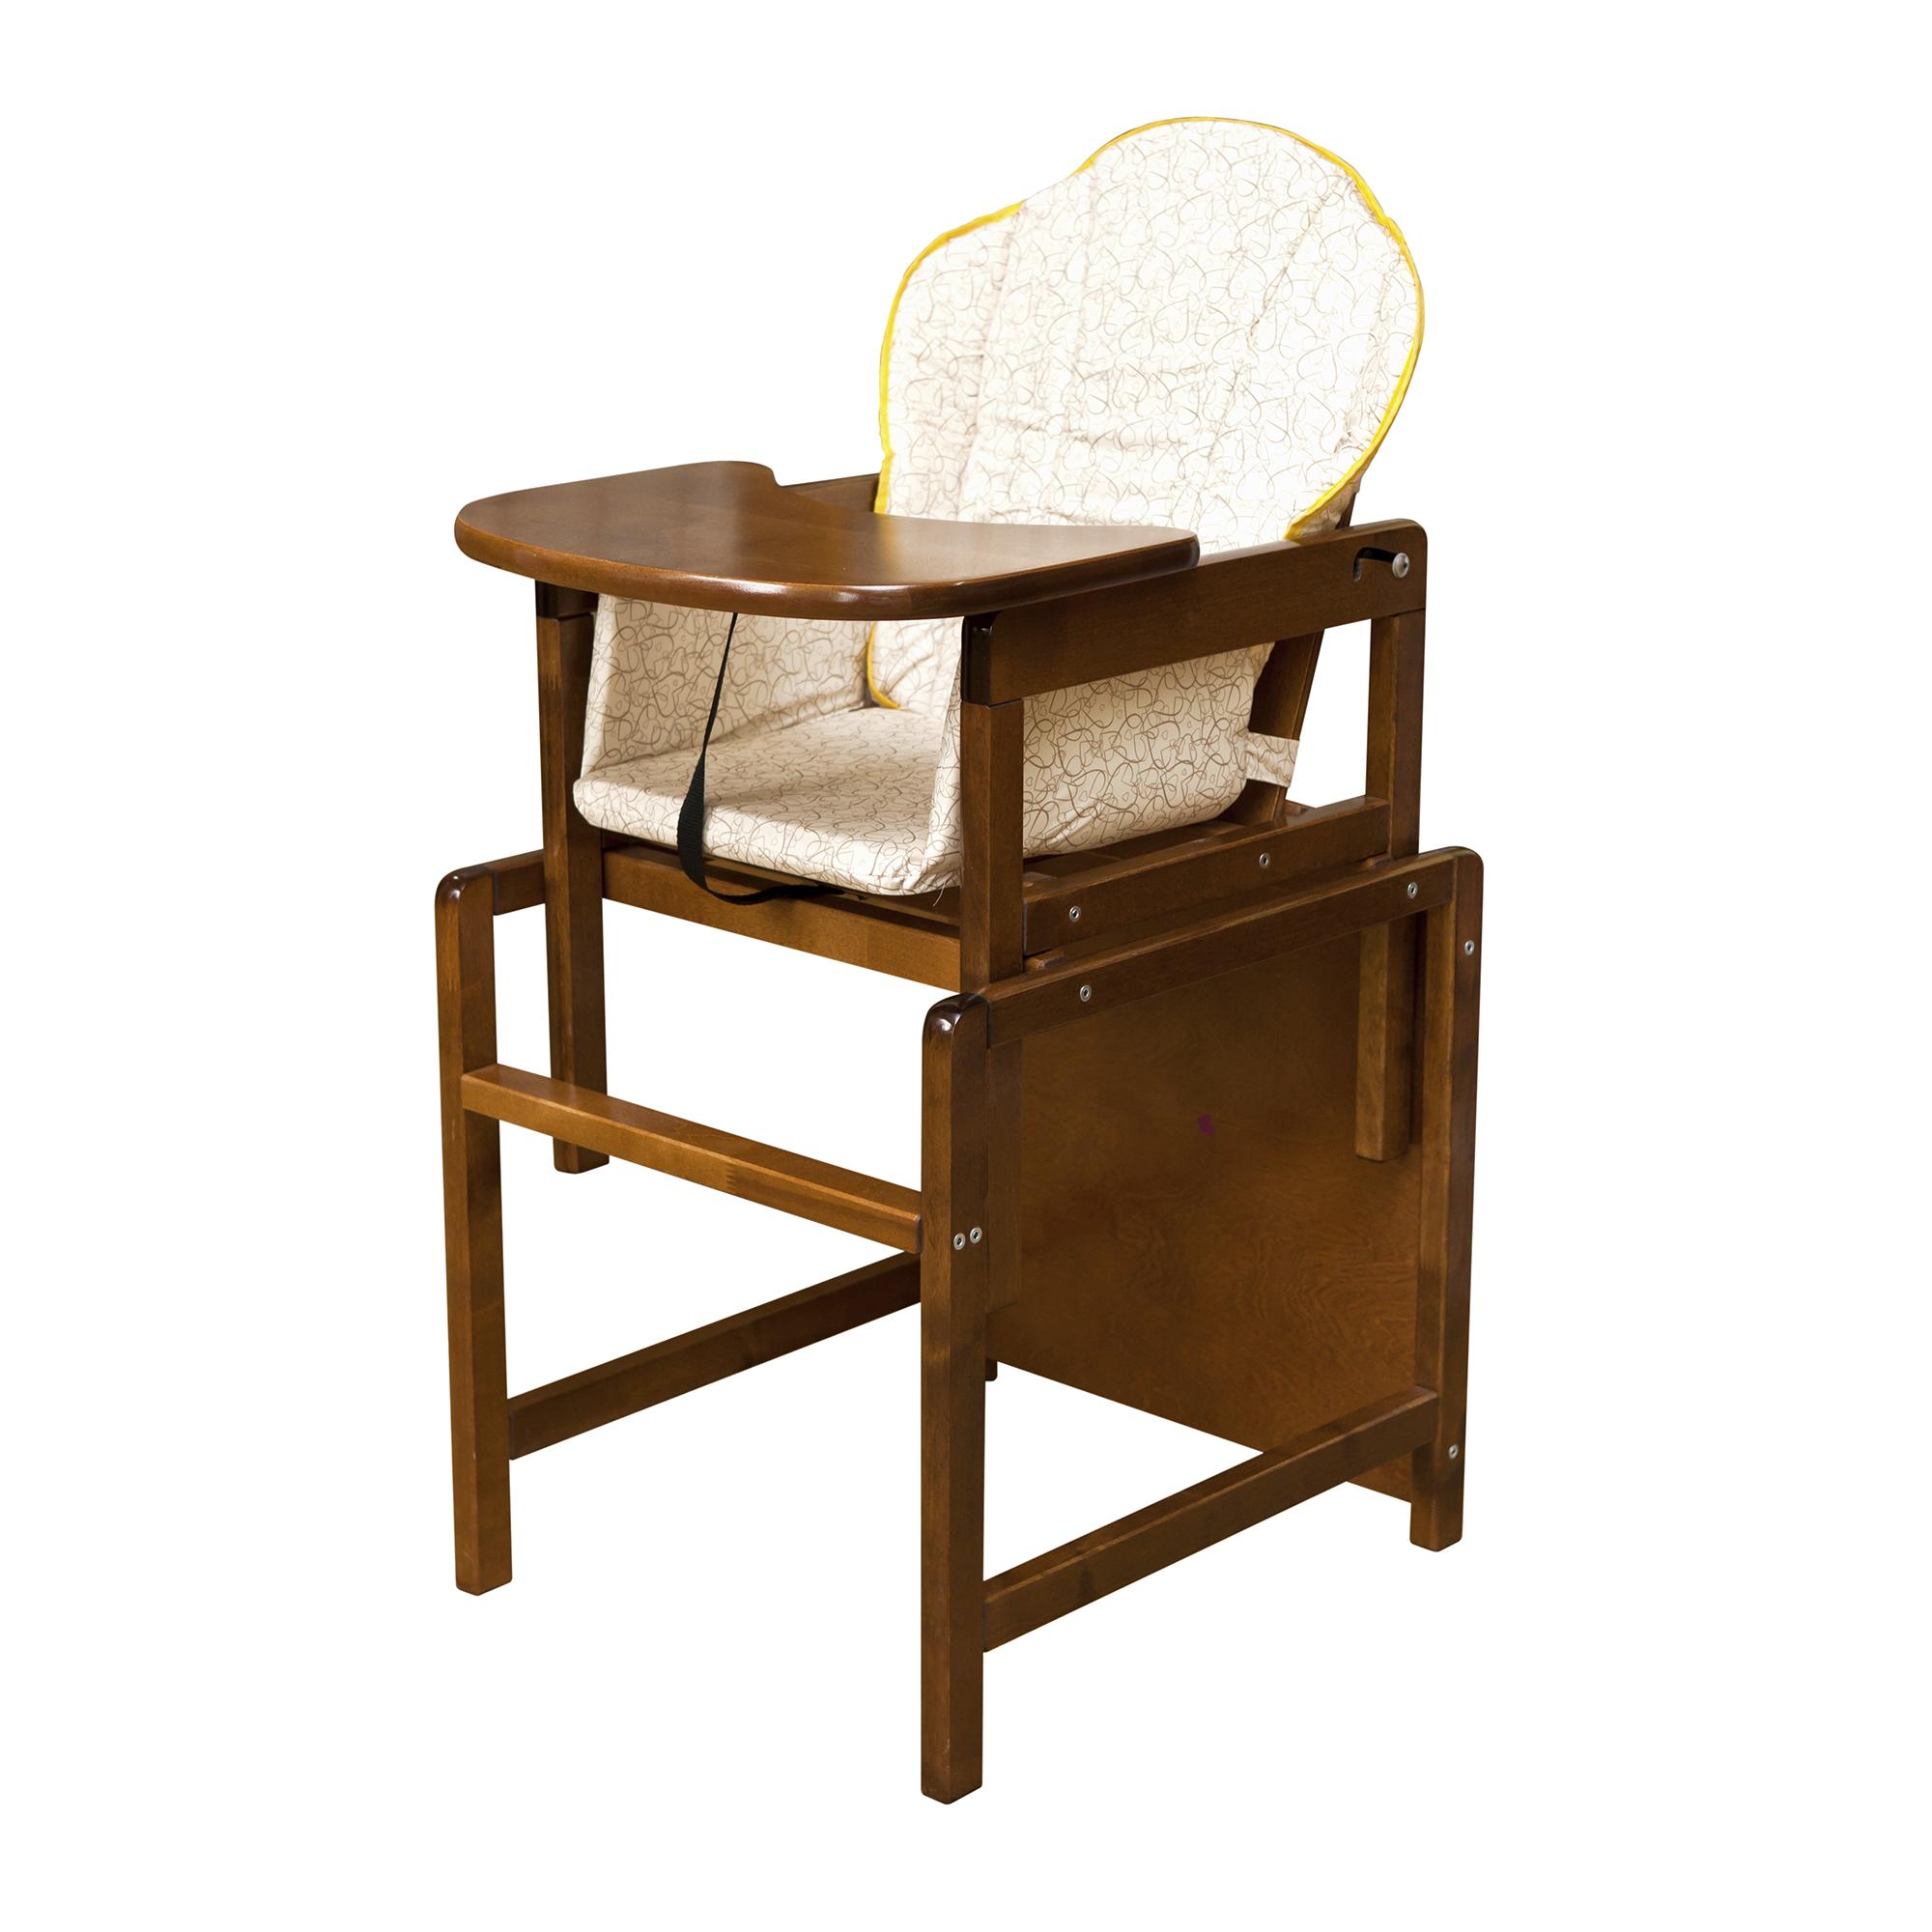 Стульчики для кормления Можга Детский гарнитур С367 стульчики для кормления kidsmill